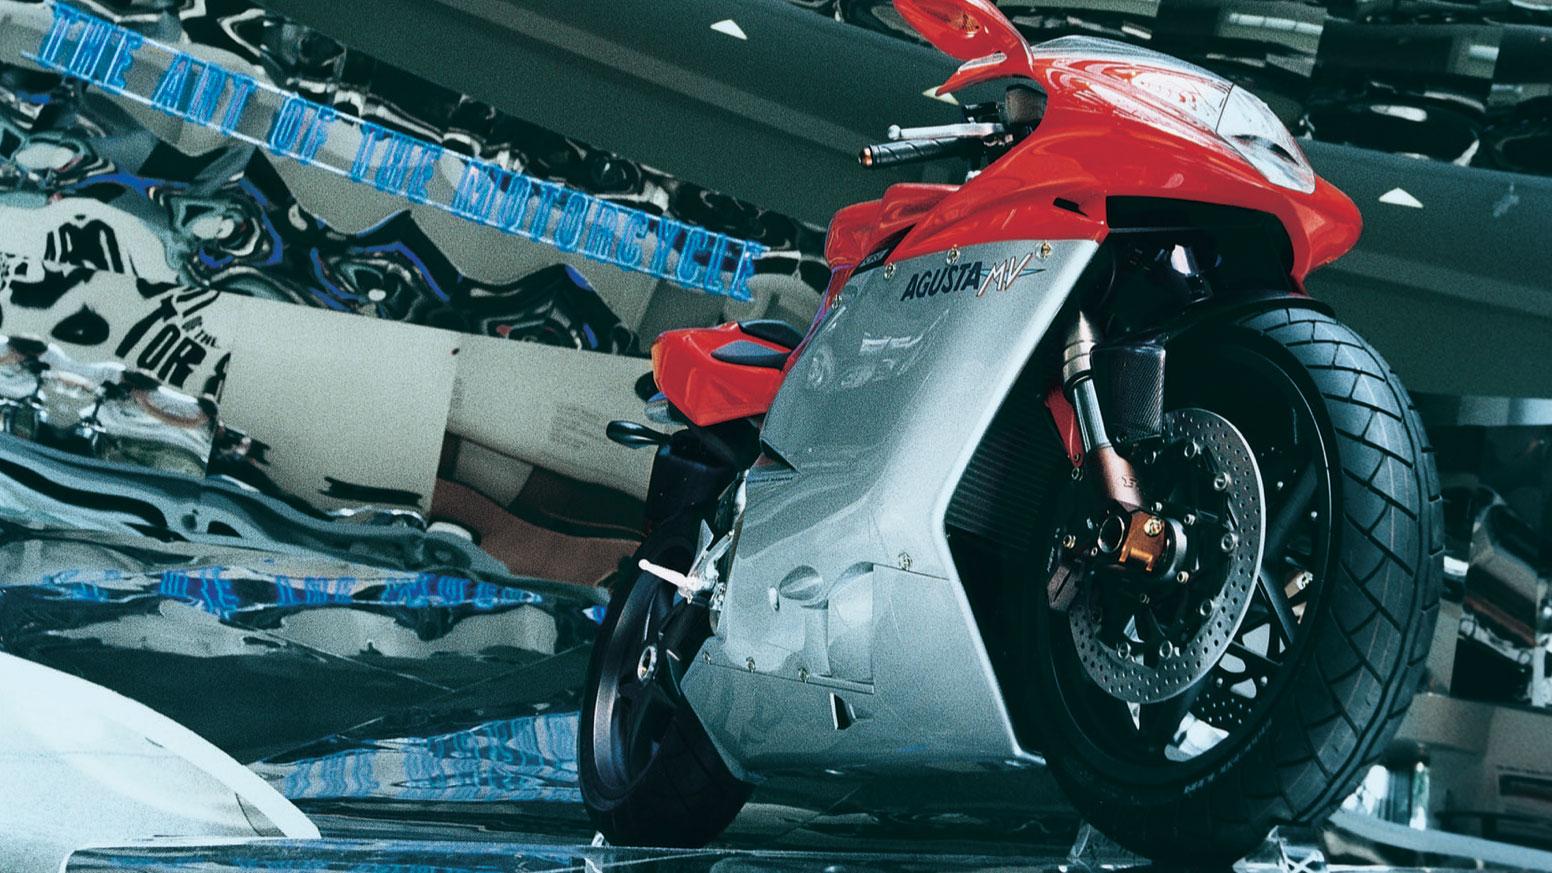 8) MV Agusta F4 750 Serie Oro, 59.000 euros